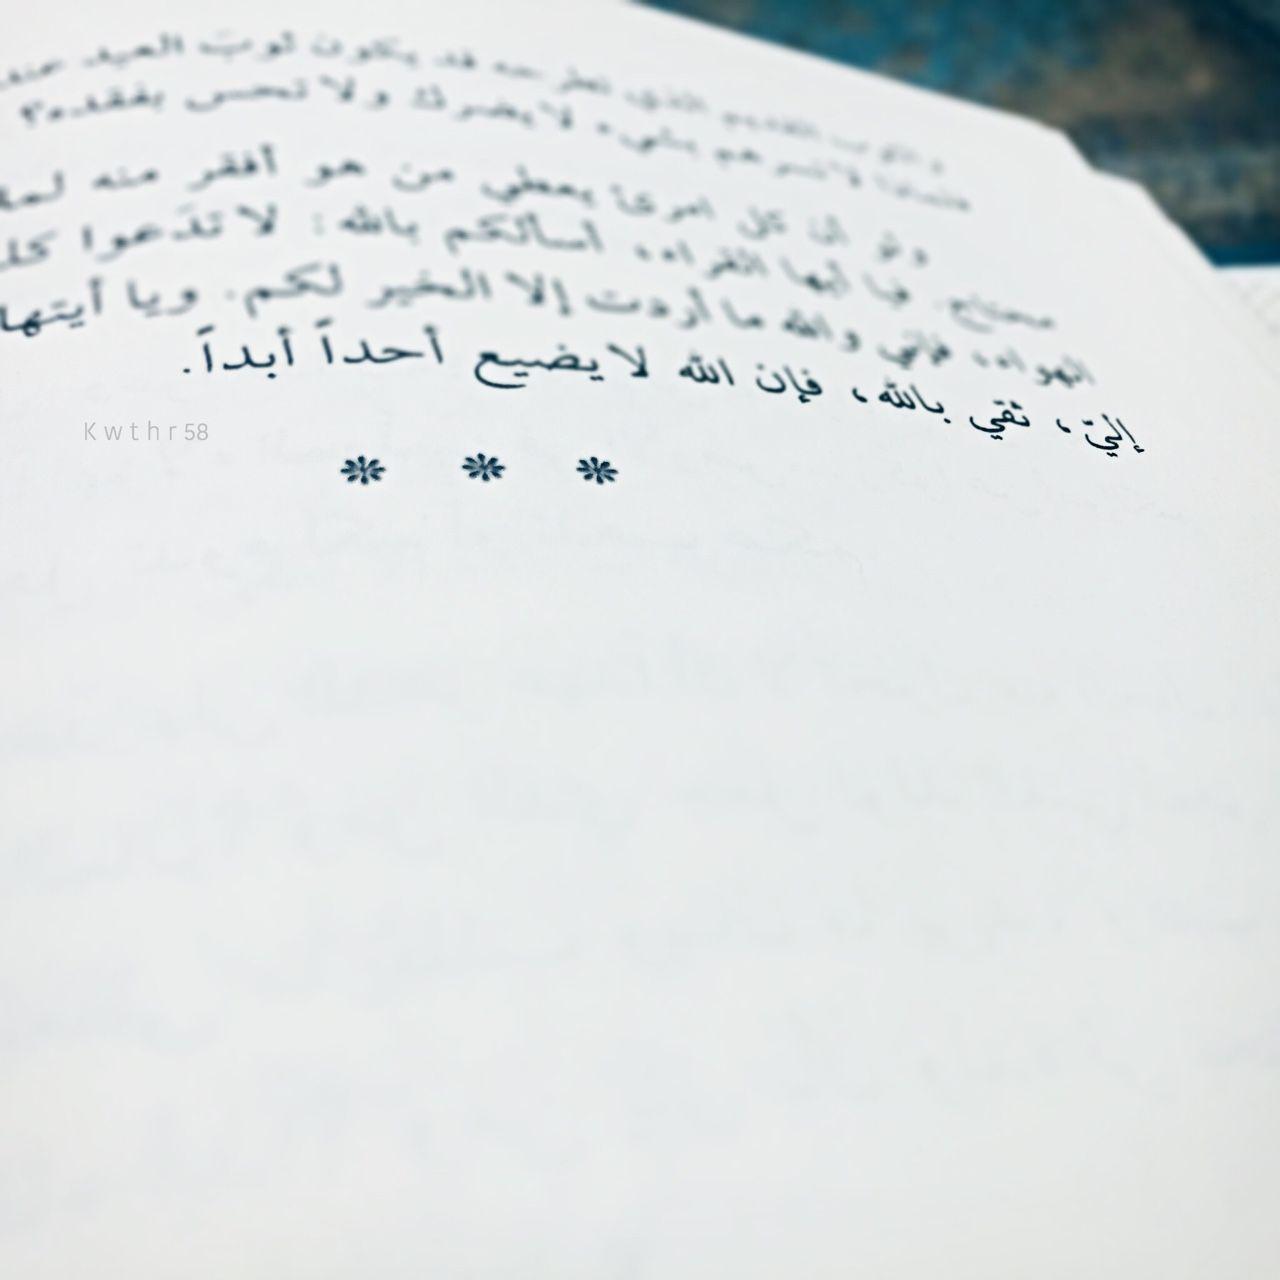 صور ضيق الضيق هو الأحساس بالأختناق من كل شئ يحدث حولنا فالضيق يشعرنا بأن كل شئ حولنا سئ ومرير ويدعو للحزن والكئابة احيانا يكون Math Arabic Calligraphy Quotes